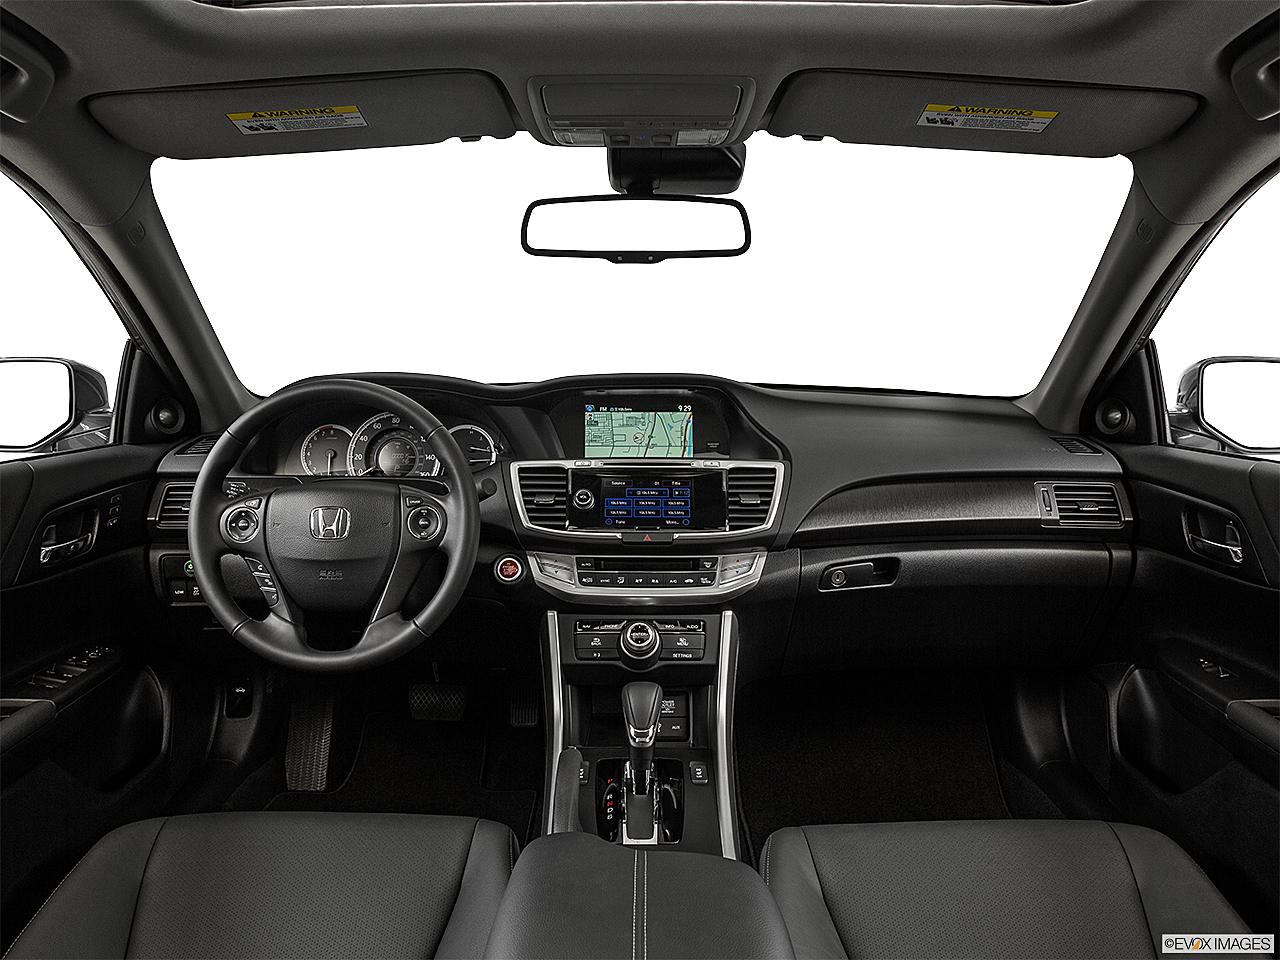 2015 Honda Accord Ex L V6 >> 2015 Honda Accord Ex L V6 4dr Sedan Research Groovecar